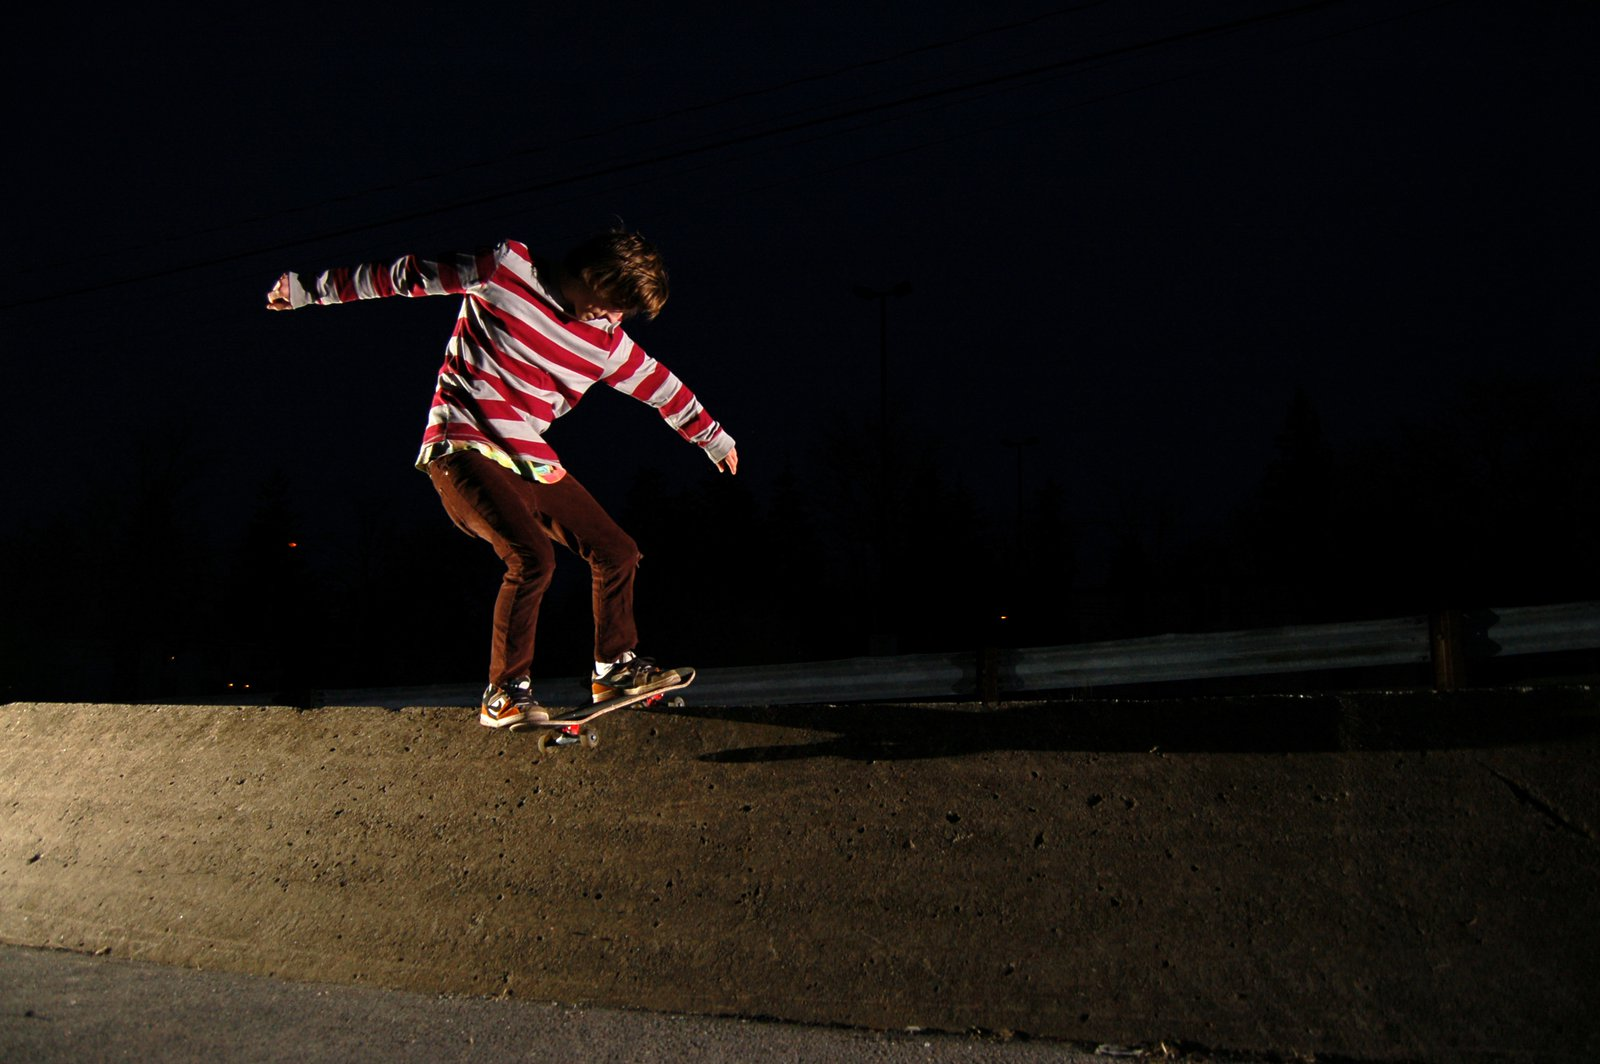 Skate - 2 of 3